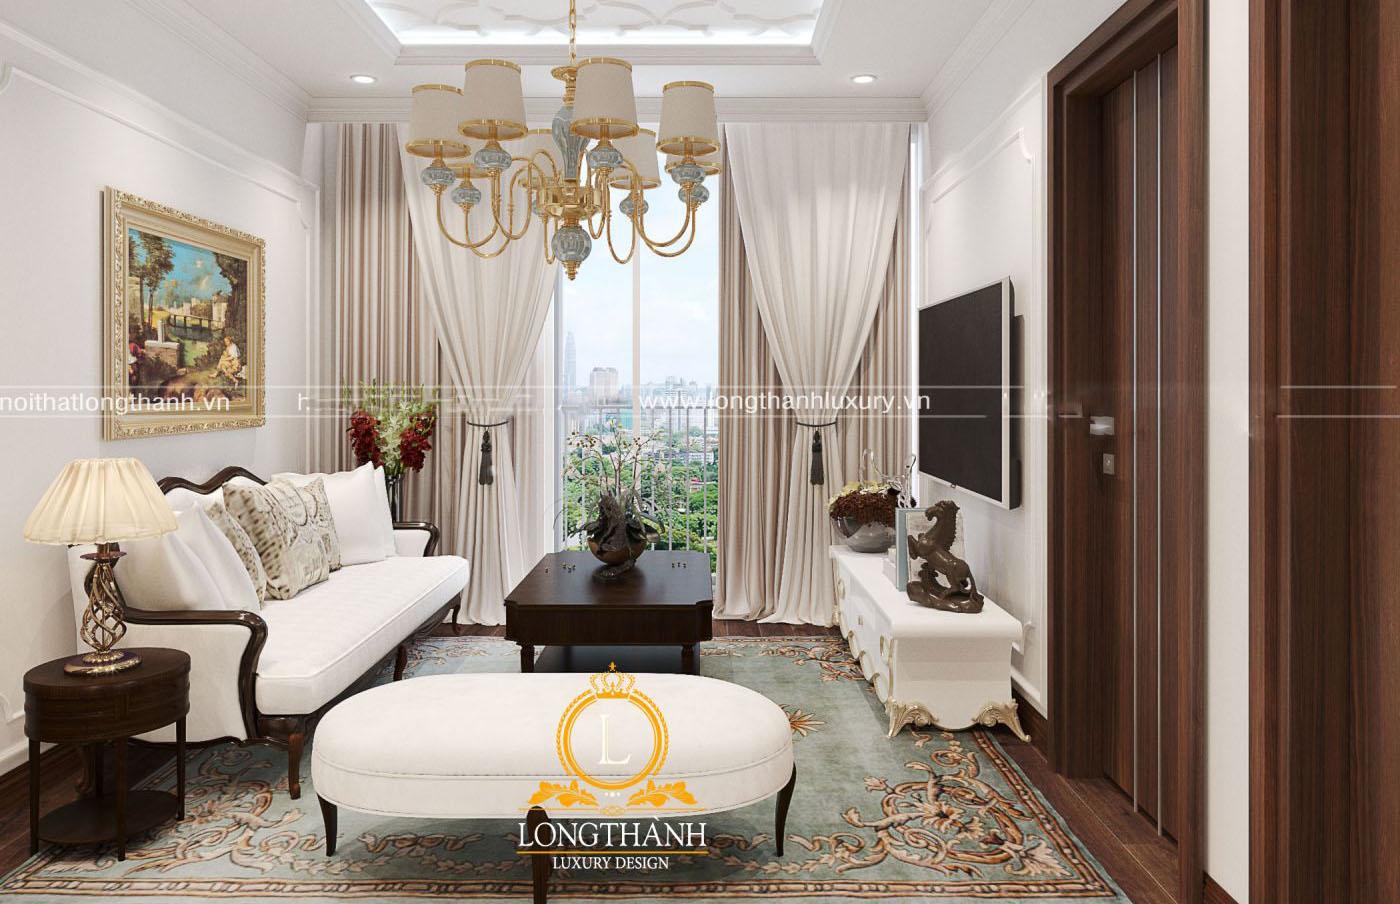 Bộ sofa trắng nổi bật cho không gian tinh khôi